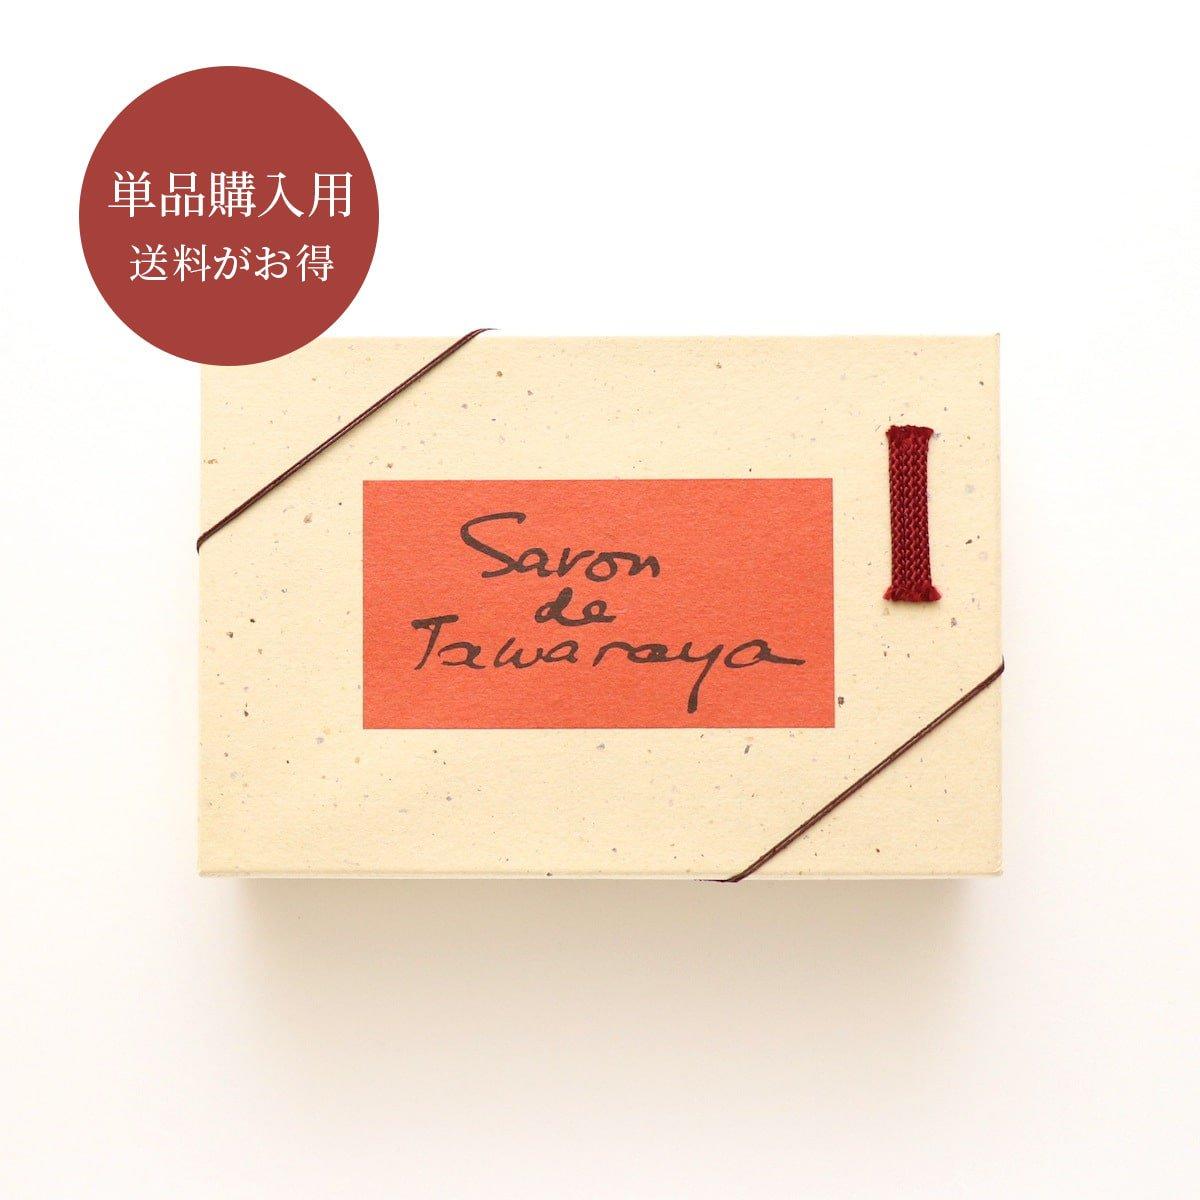 【単品購入】石鹸12個入※1箱あるいはご自宅用2箱